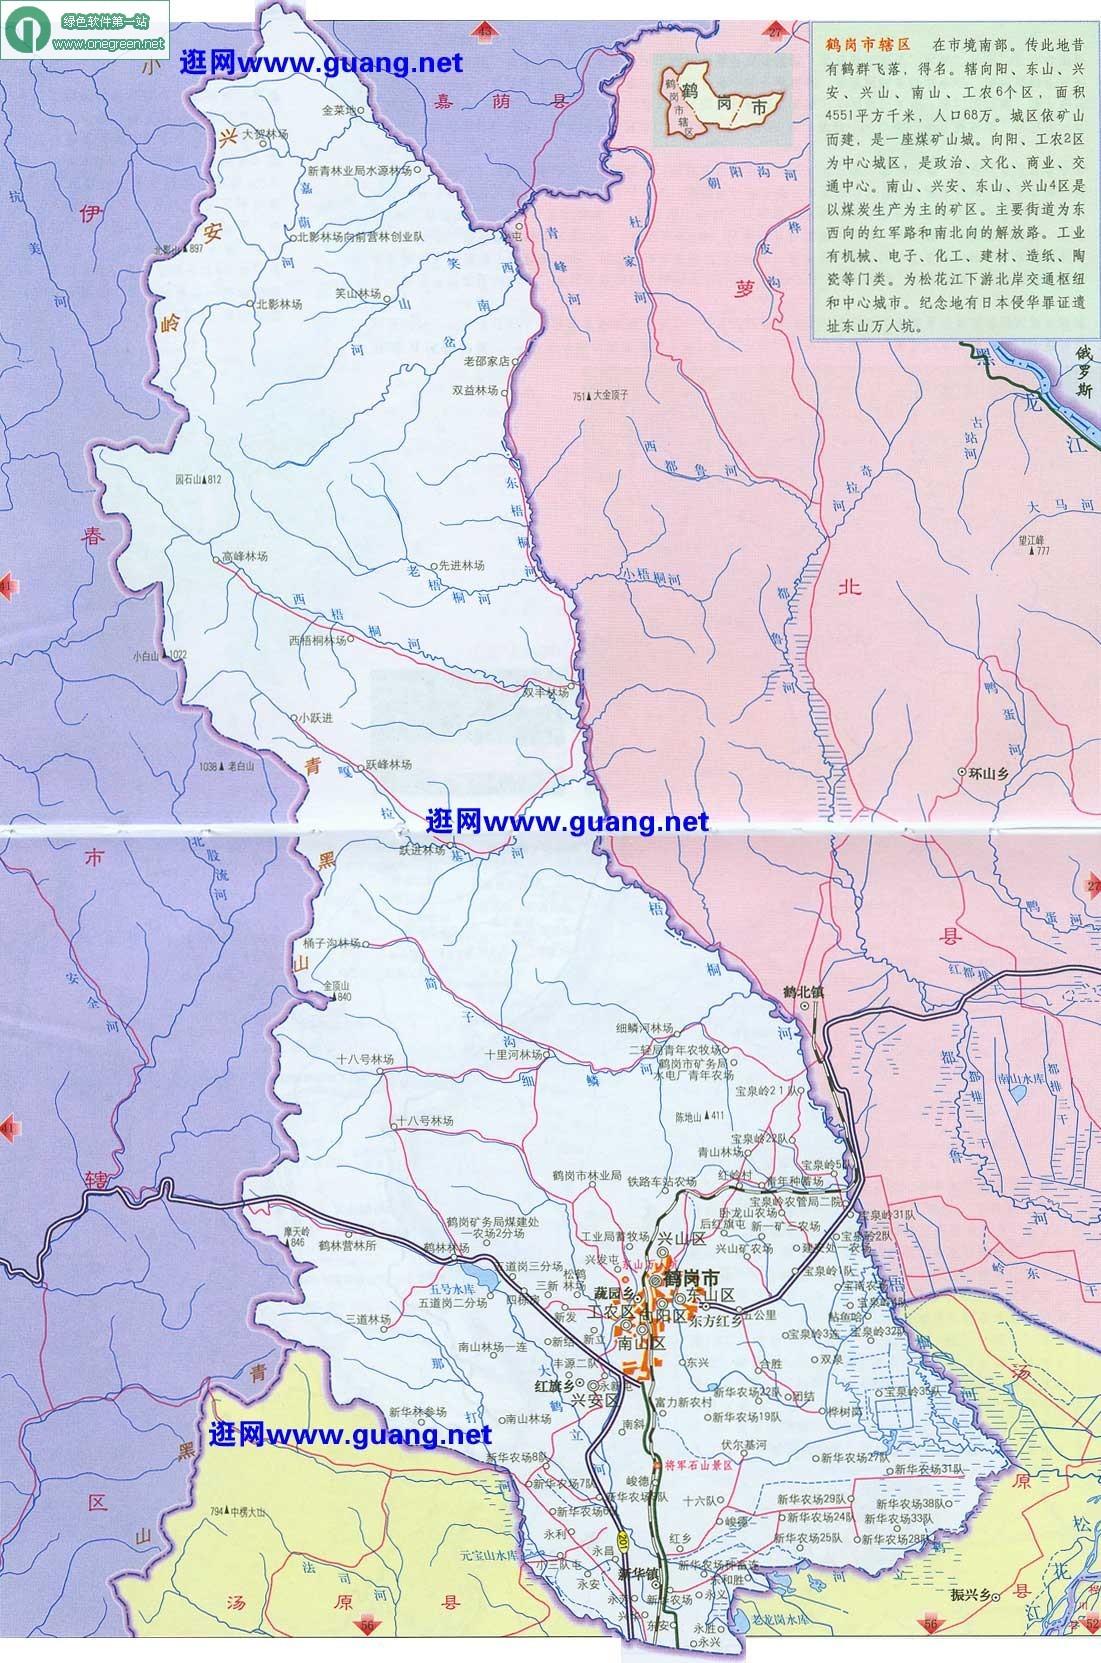 鹤岗行政地图